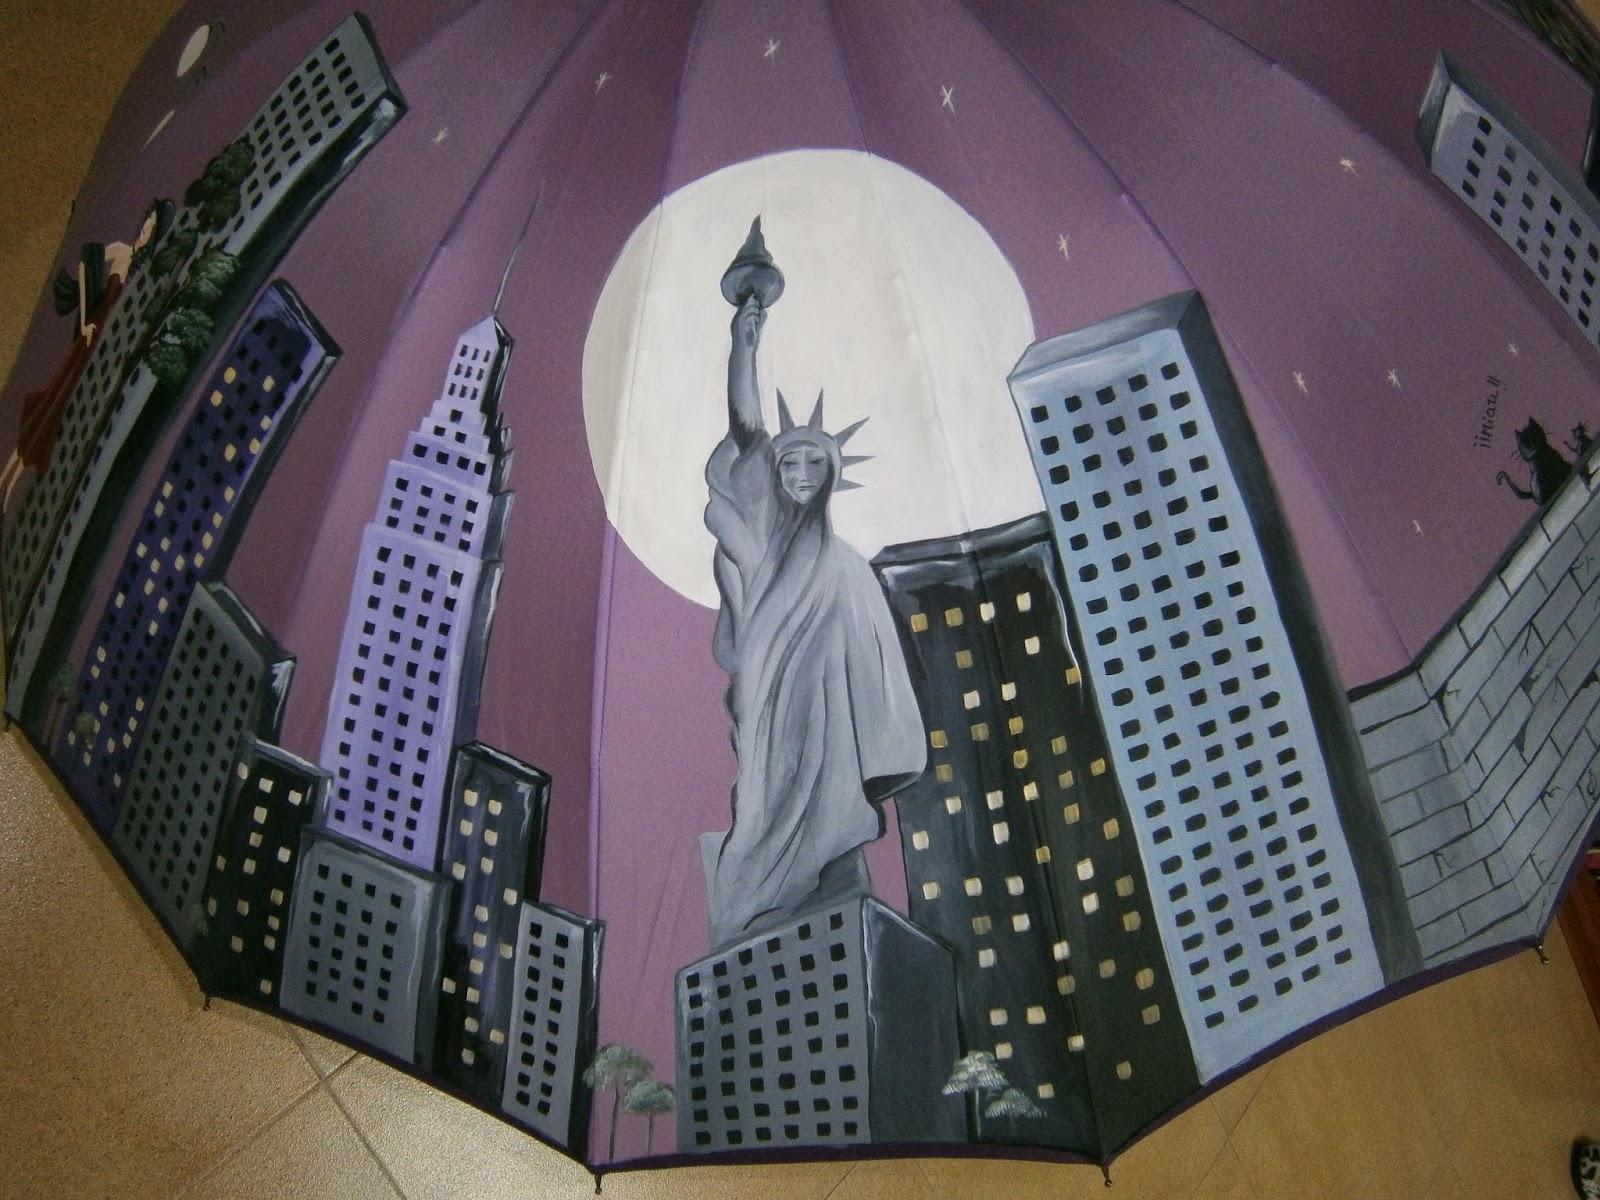 Zapatearte paraguas la noche en nueva york - Sombrilla de mano ...